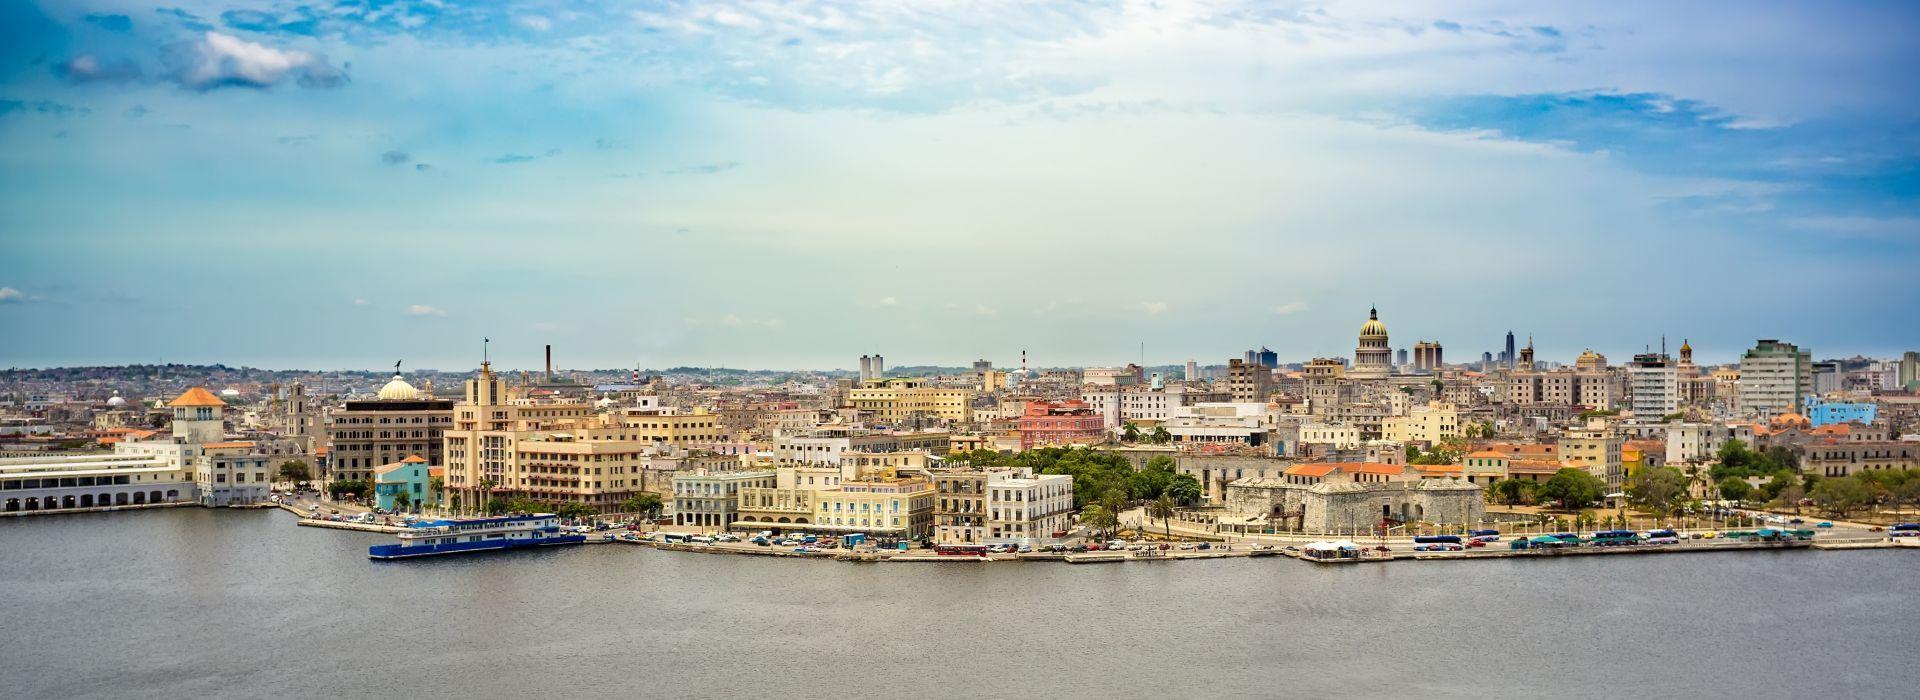 Cuba Tours and Trips to Cuba